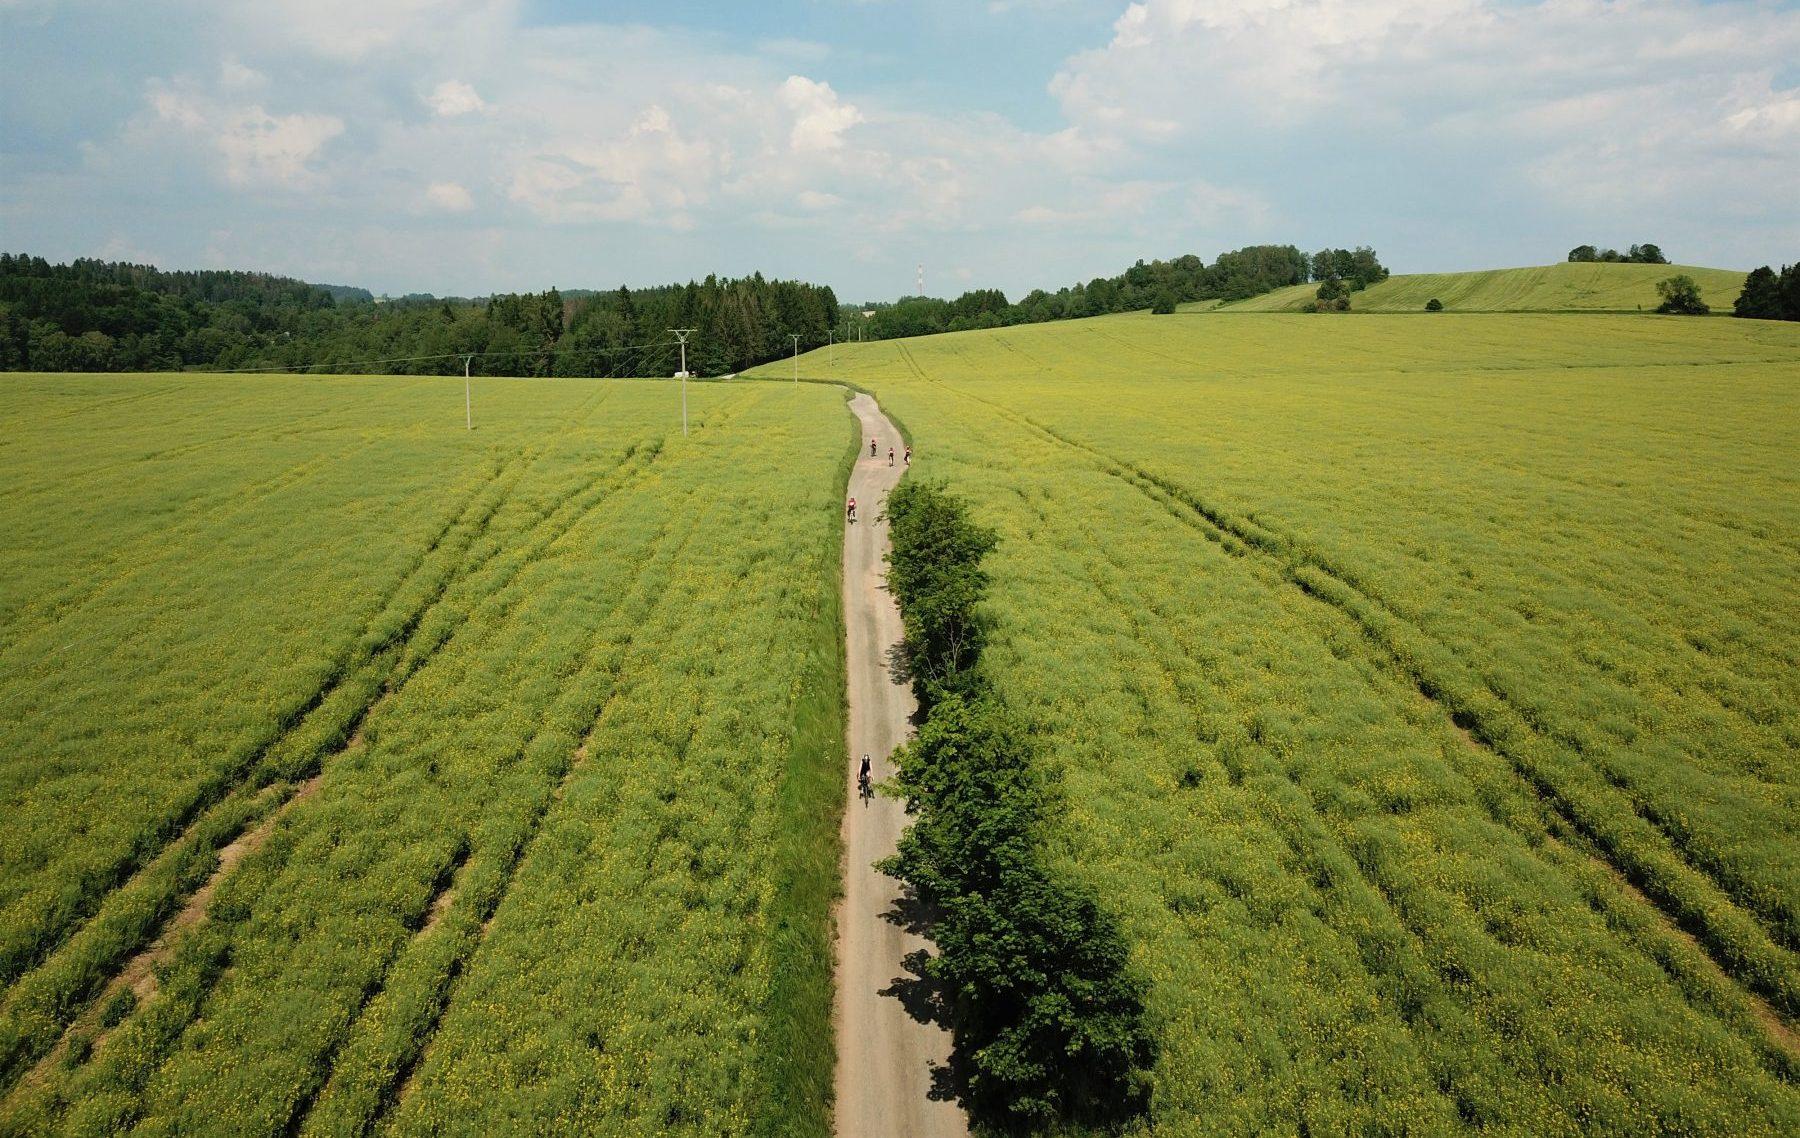 Pyöräilijöitä kapealla tiellä viljelmien keskellä.